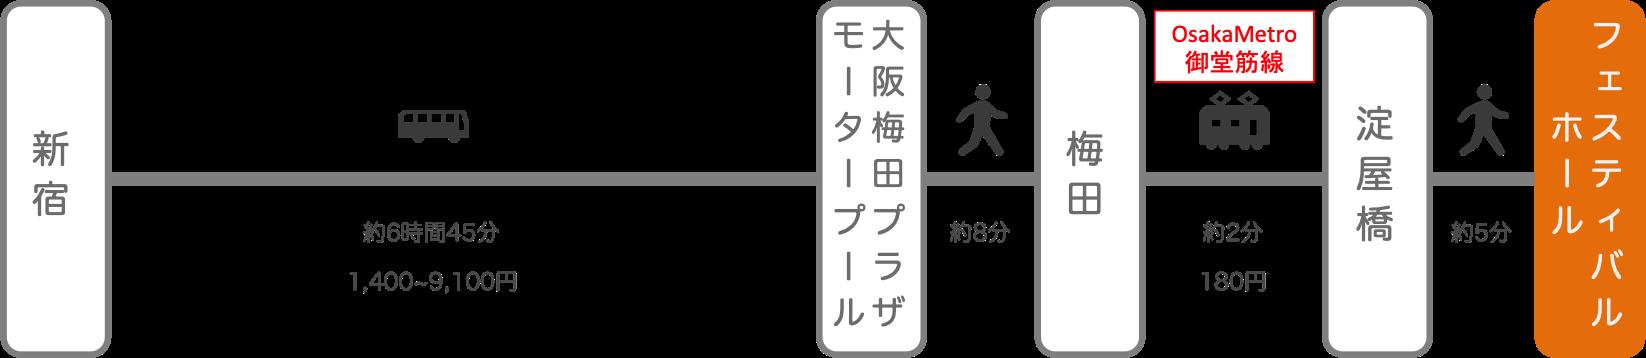 フェスティバルホール_新宿(東京)_高速バス